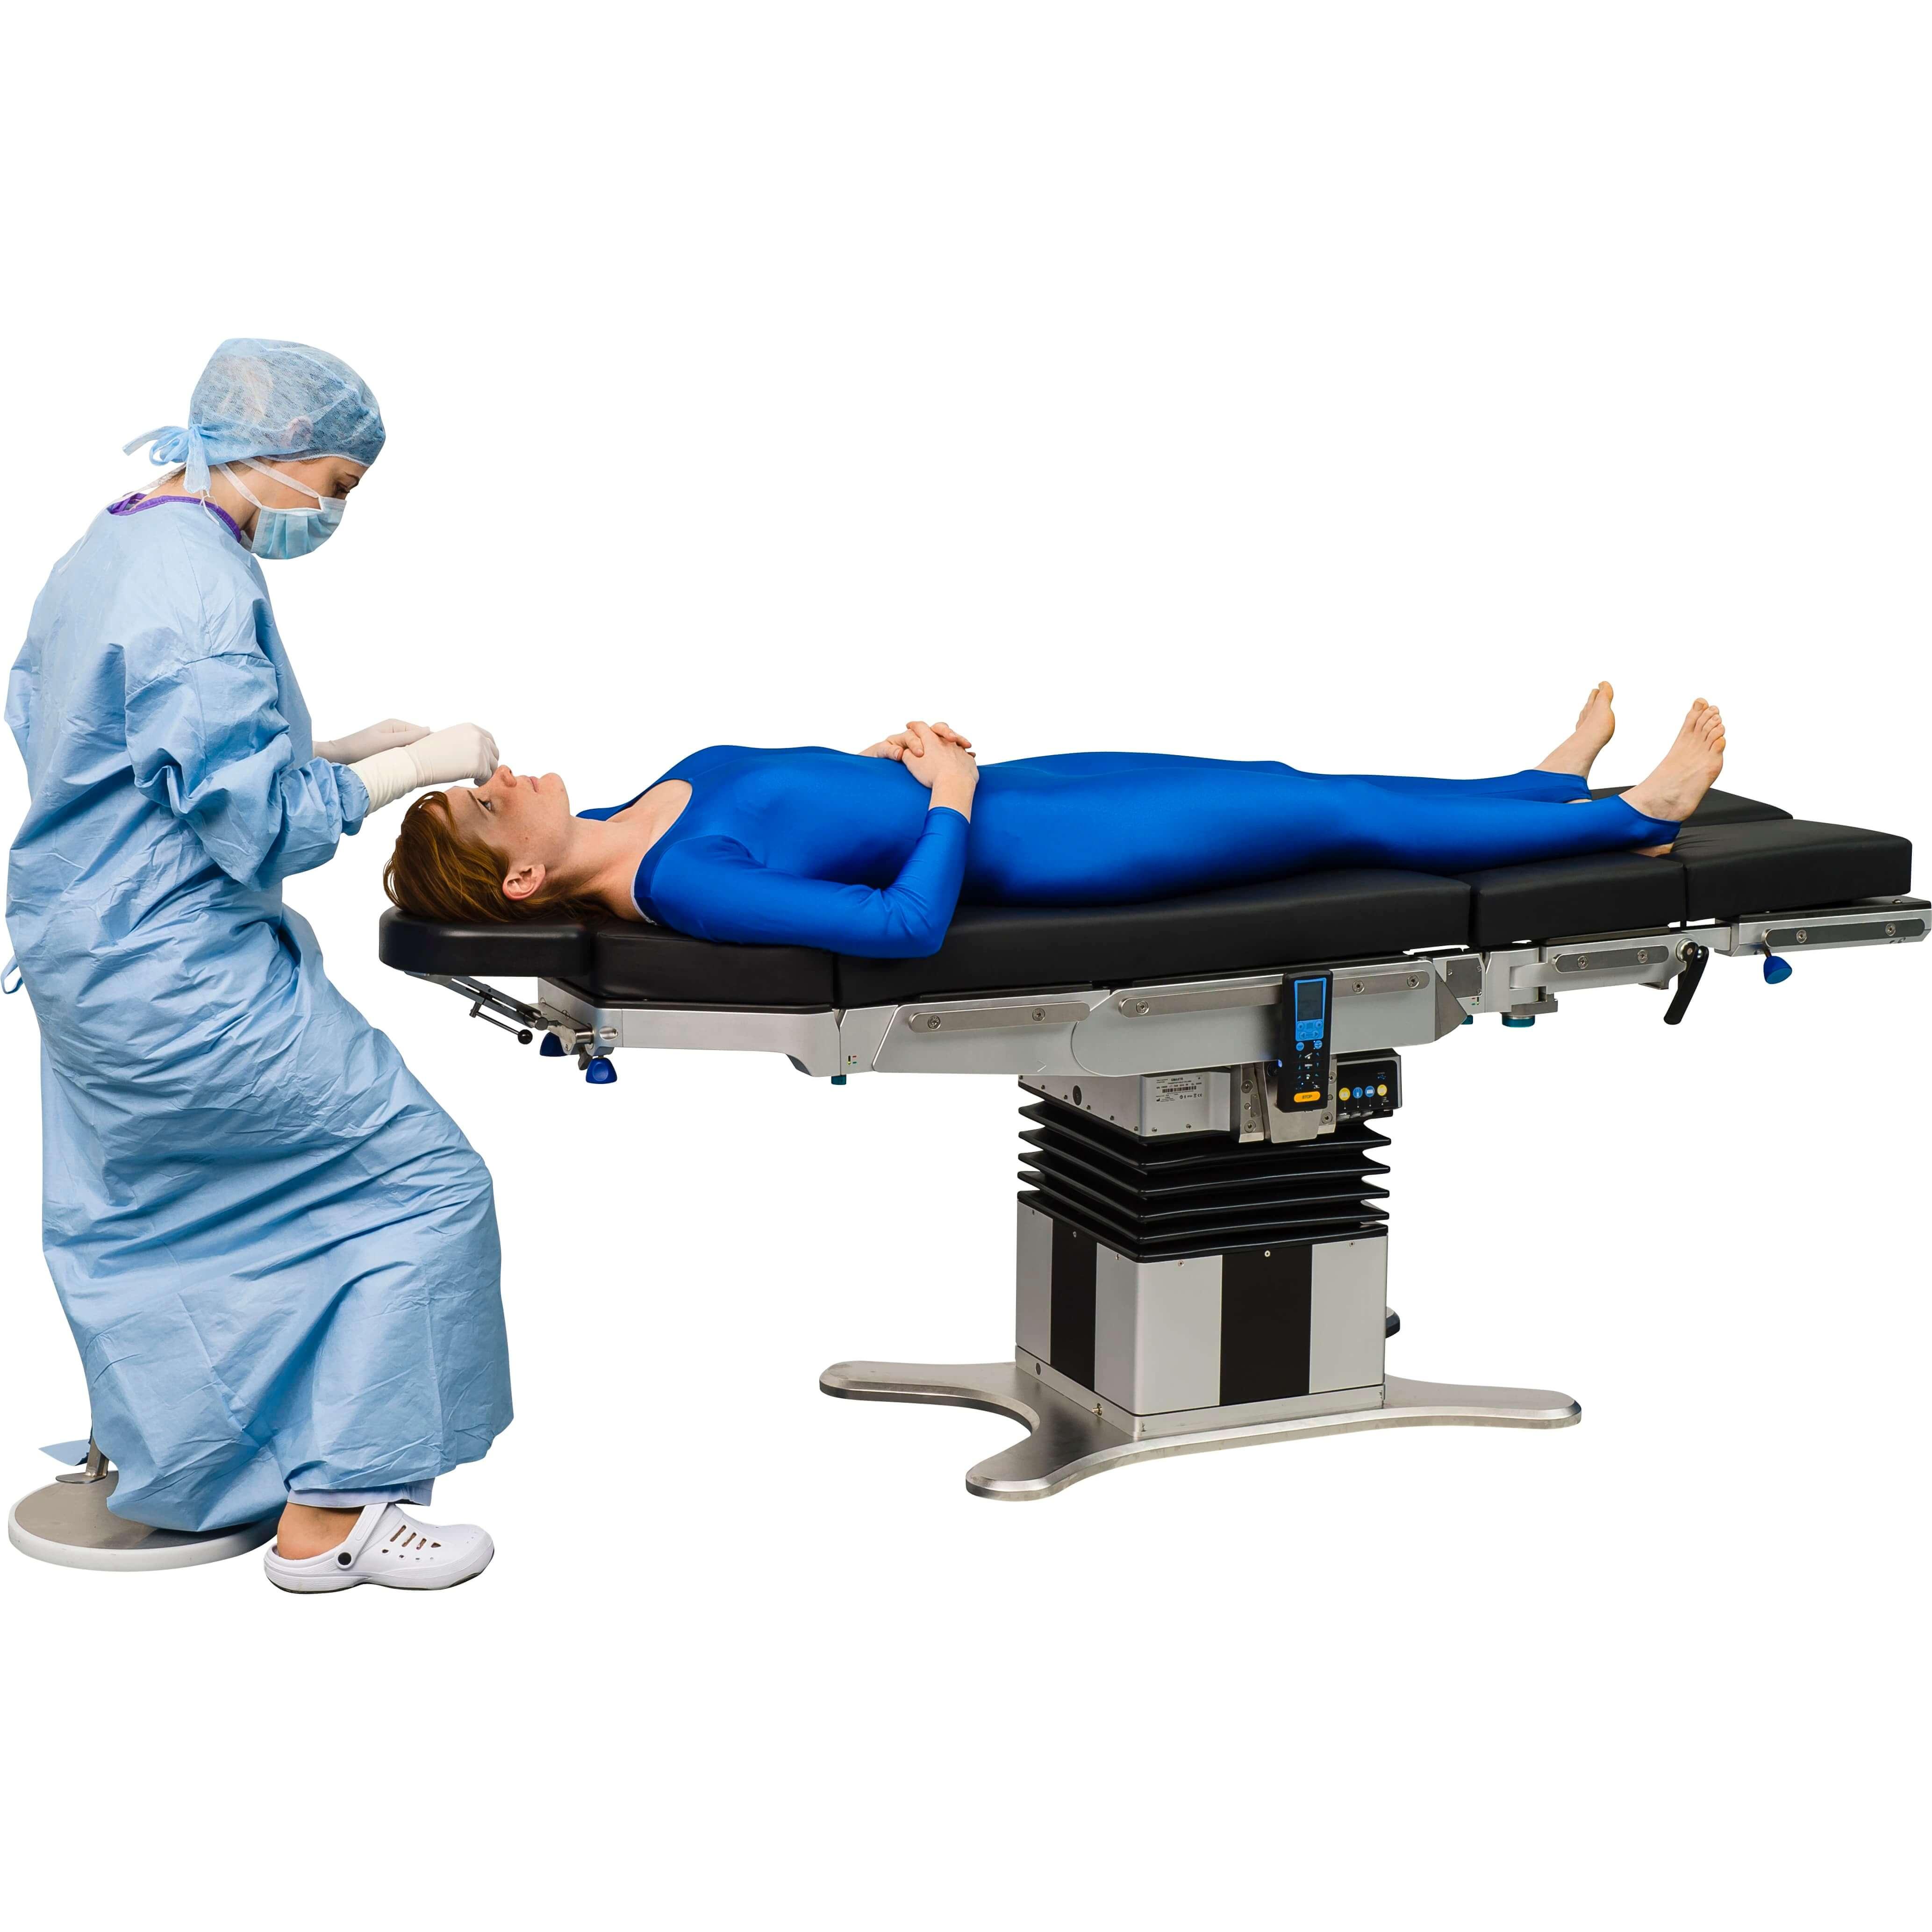 Операционный стол для лора